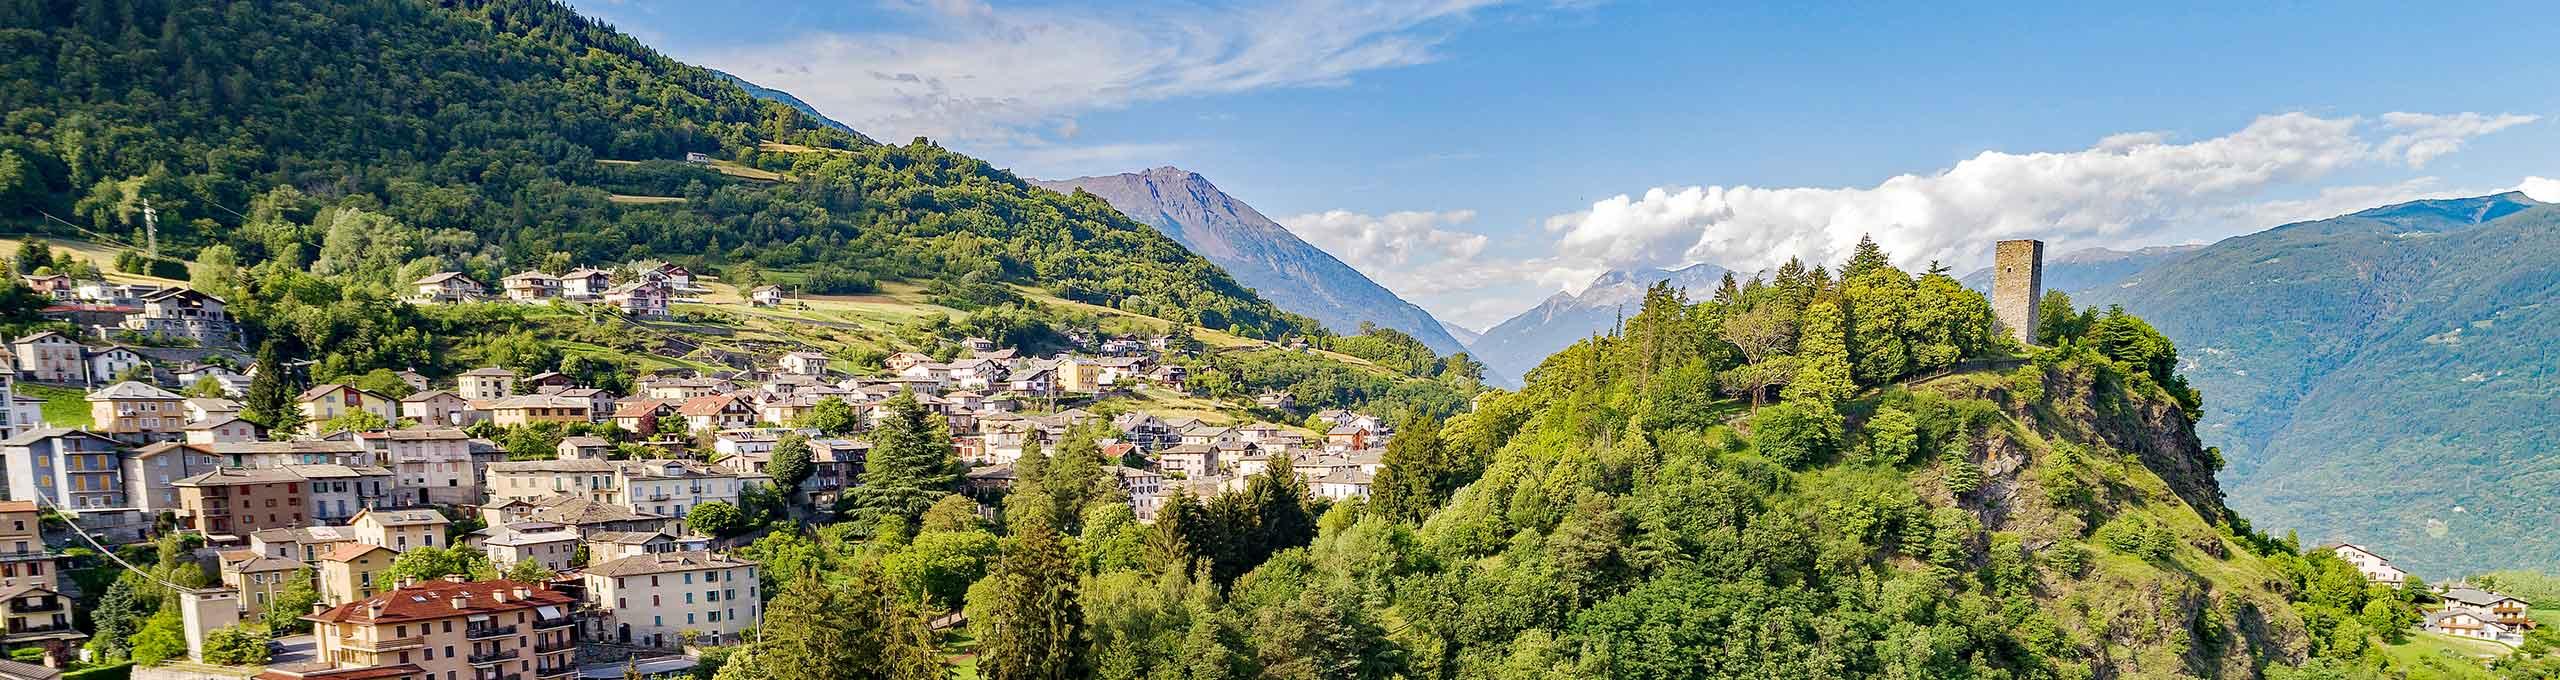 Teglio, Valtellina